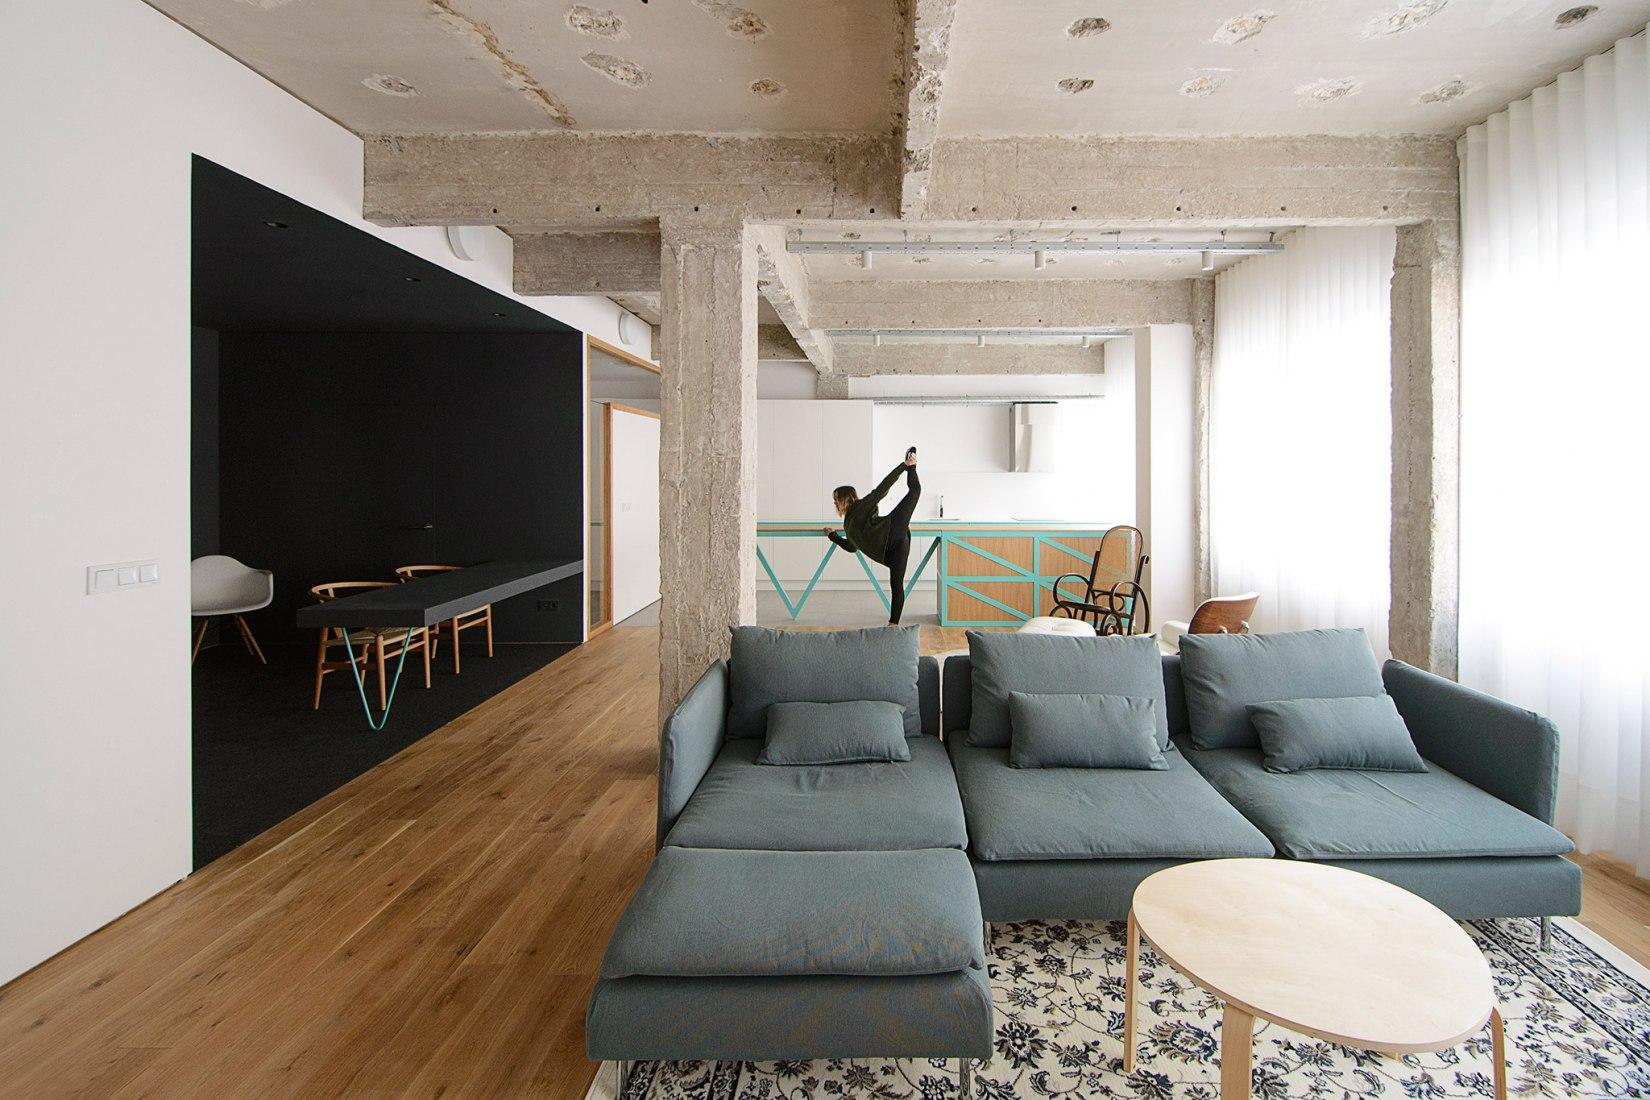 Reforma interior. De oficinas a vivienda por Garmendia Cordero Arquitectos. Fotografía © Carlos Garmendia Fernández